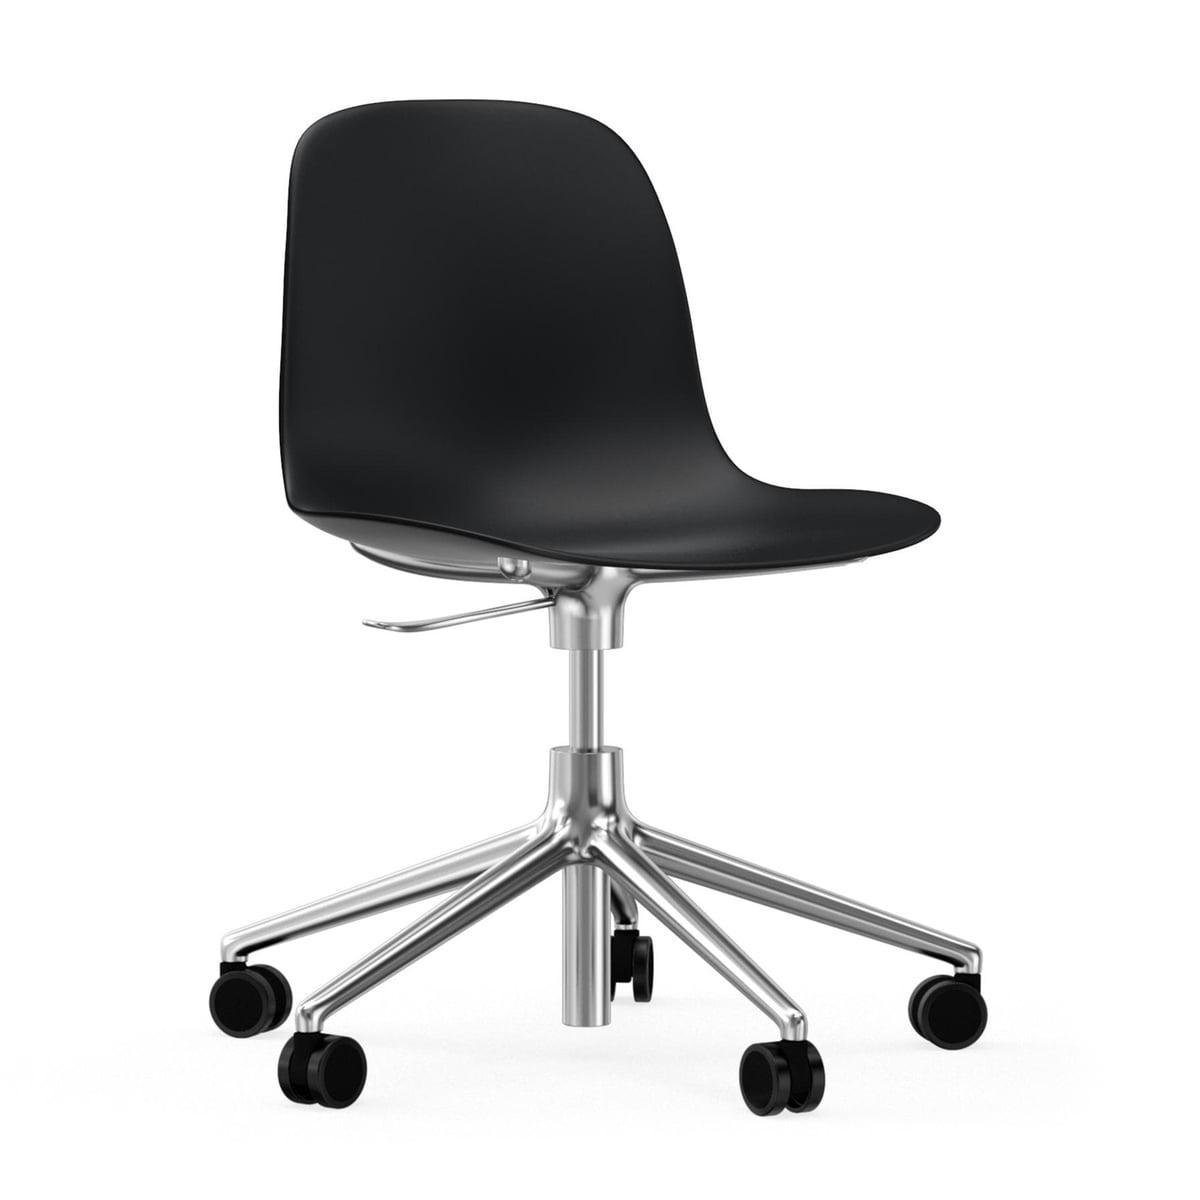 Chaise Pivotante De Bureau Form Par Normann Copenhagen En Noir Aluminium